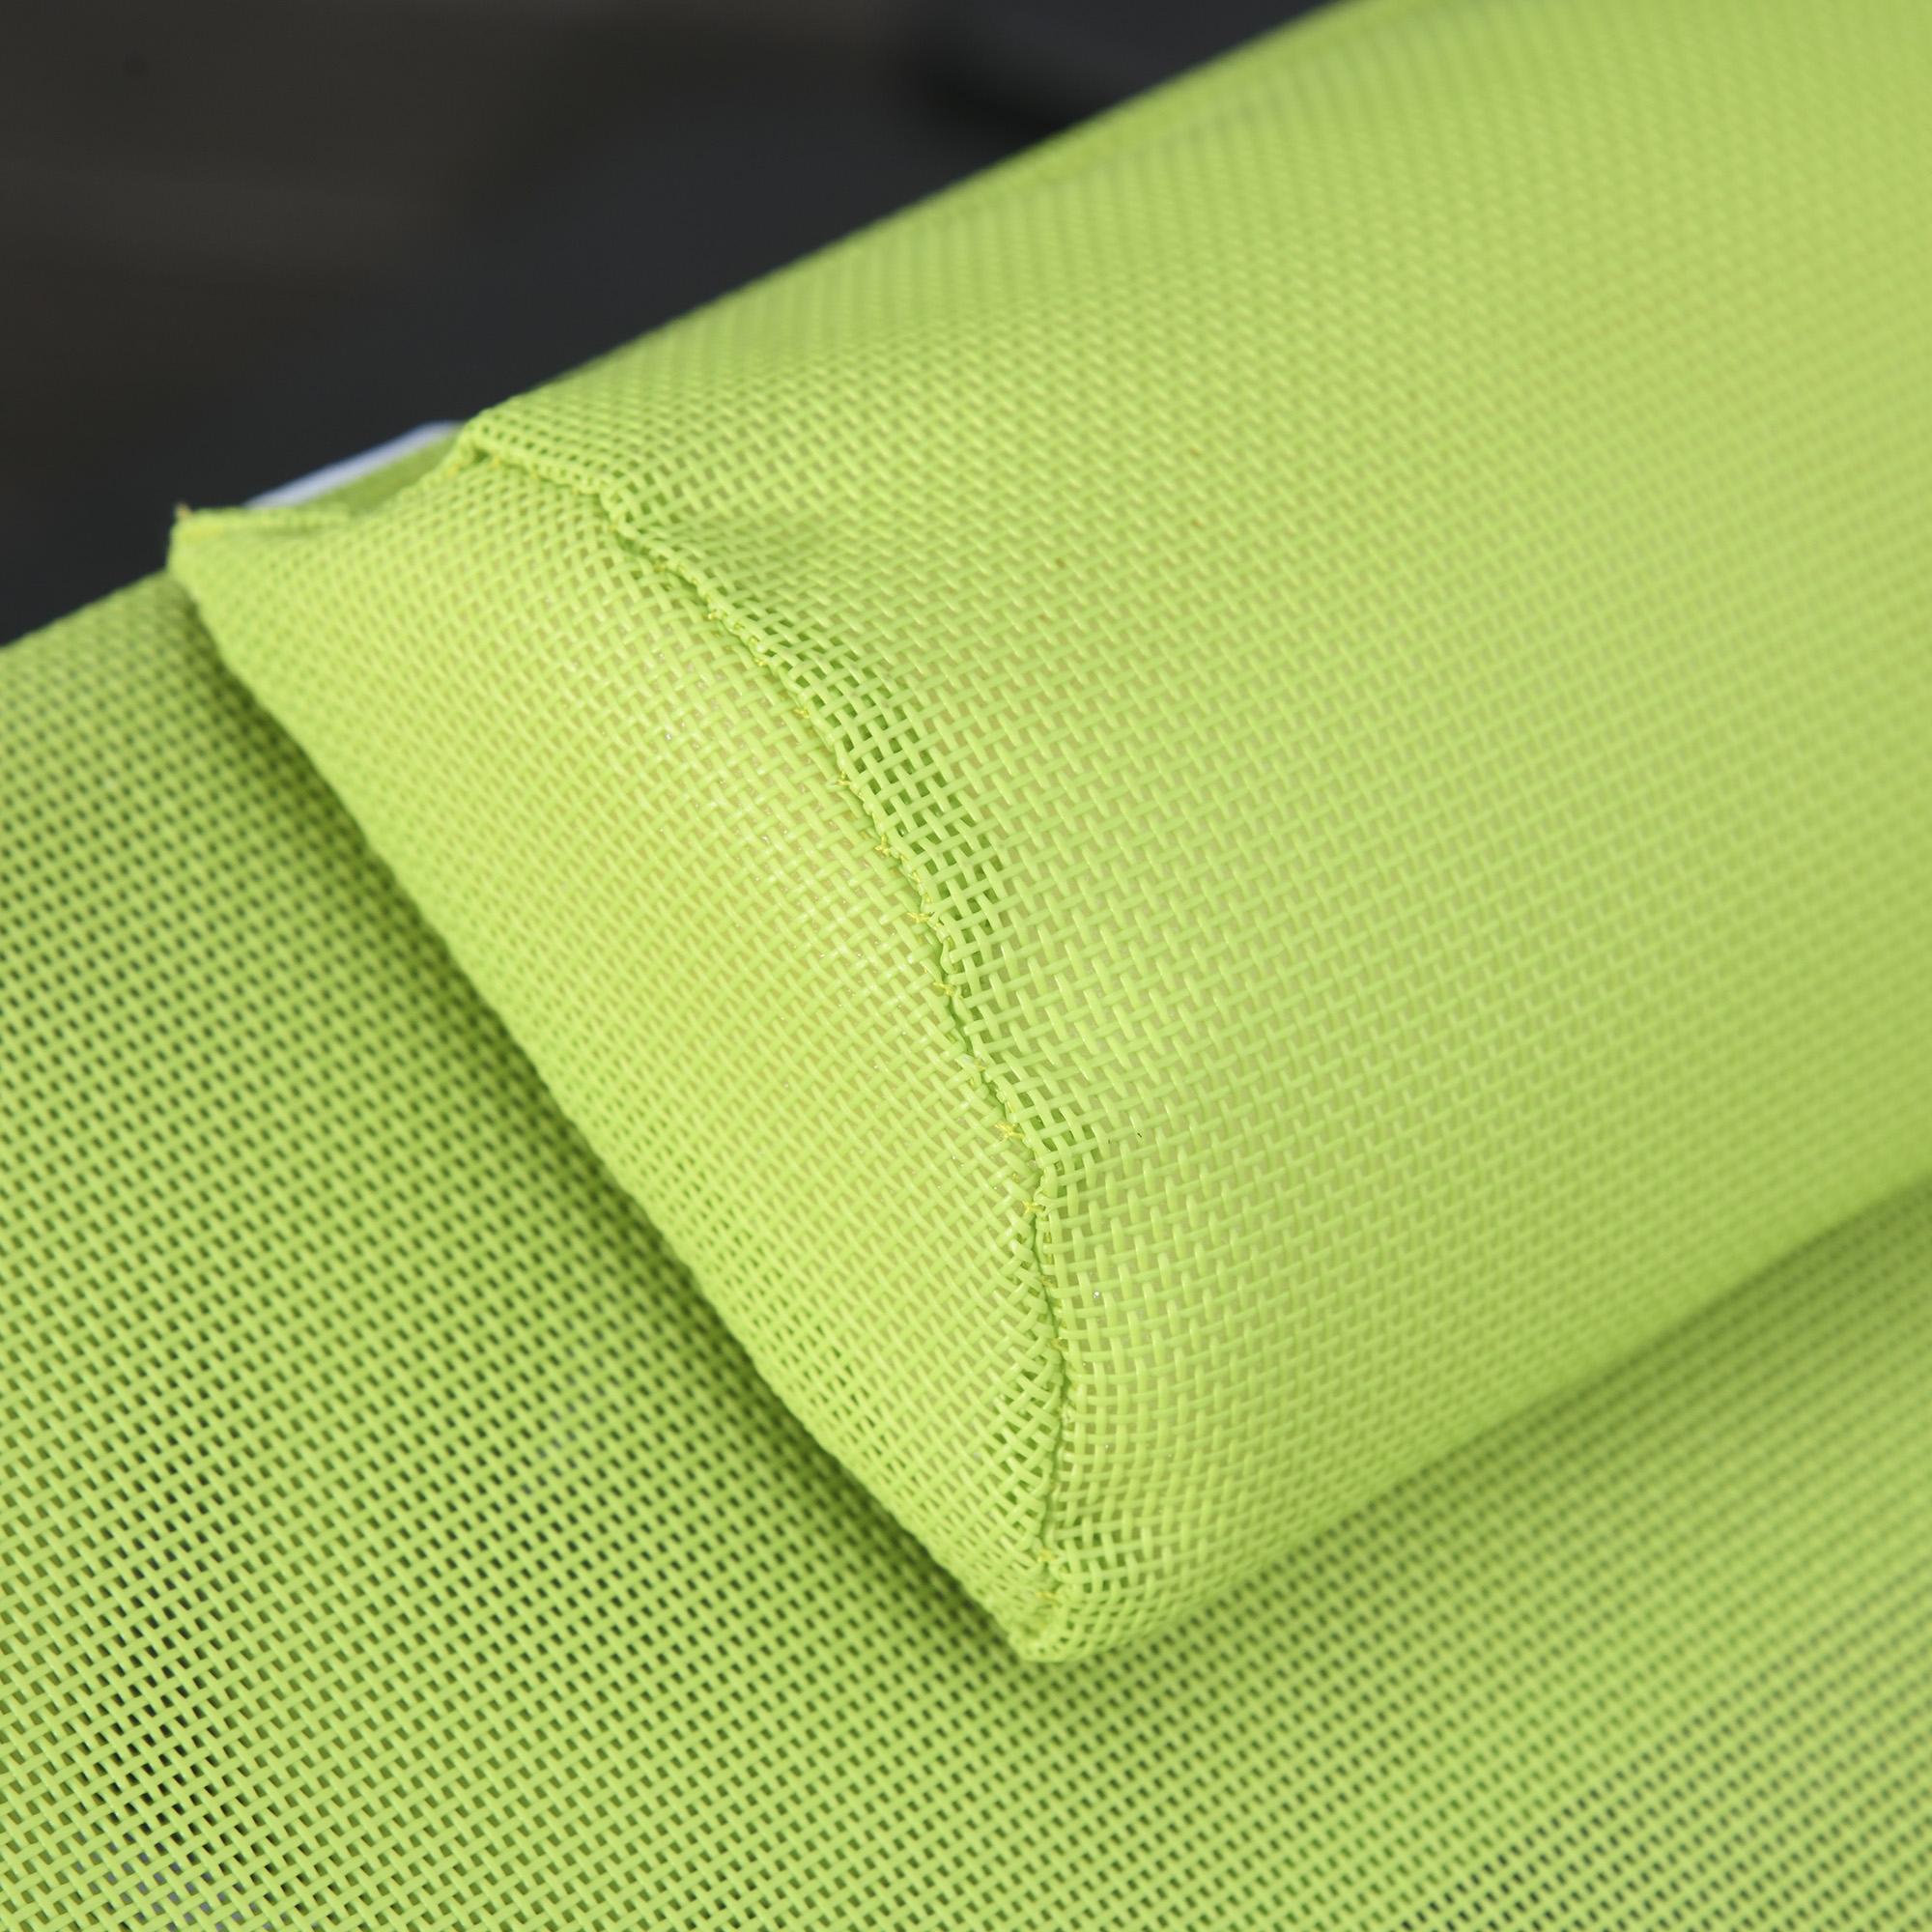 miniatura 31 - Tumbona Plegable y Reclinable con Reposacabezas y Respaldo Ajustable COLOR